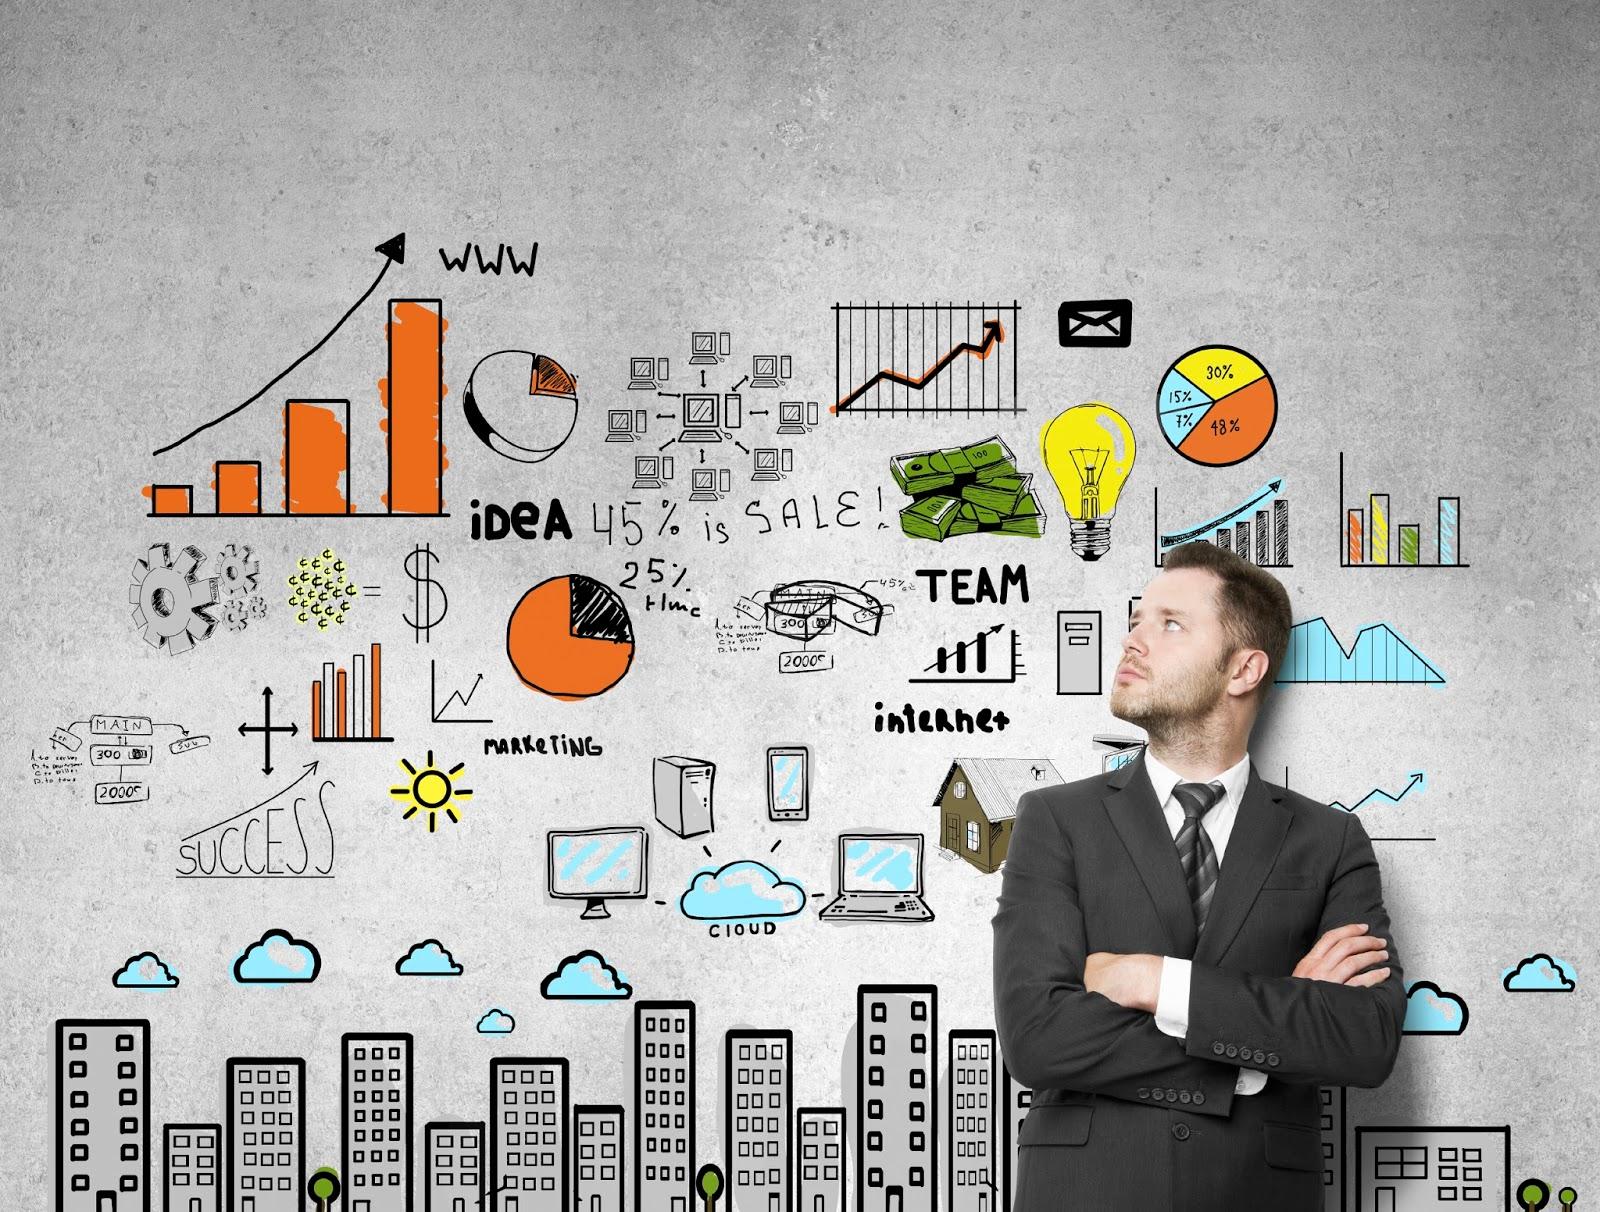 11 hình thức kinh doanh dùng chiêu miễn phí để thu hút khách hàng ...